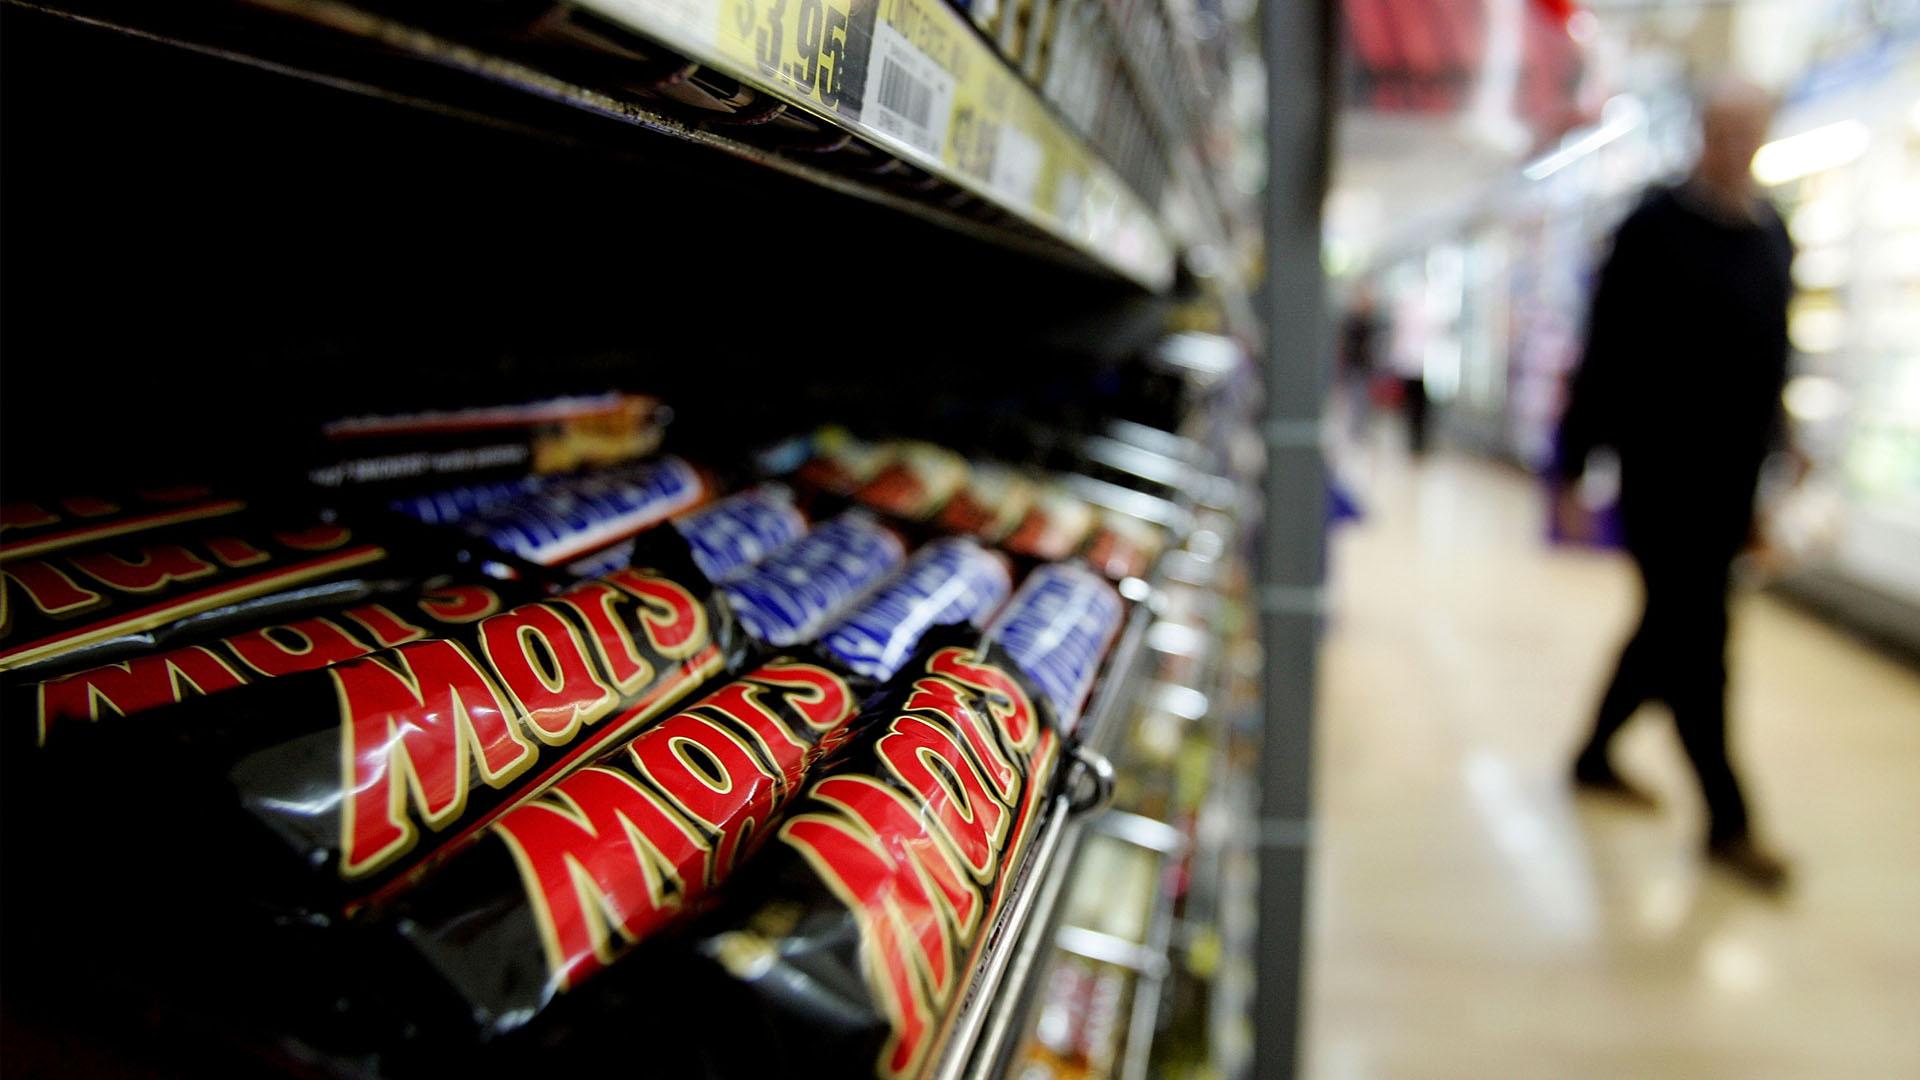 La empresa fabricante de chocolates, anunció que va a adquirir la marca conocida por sus caramelos de fruta y chicles